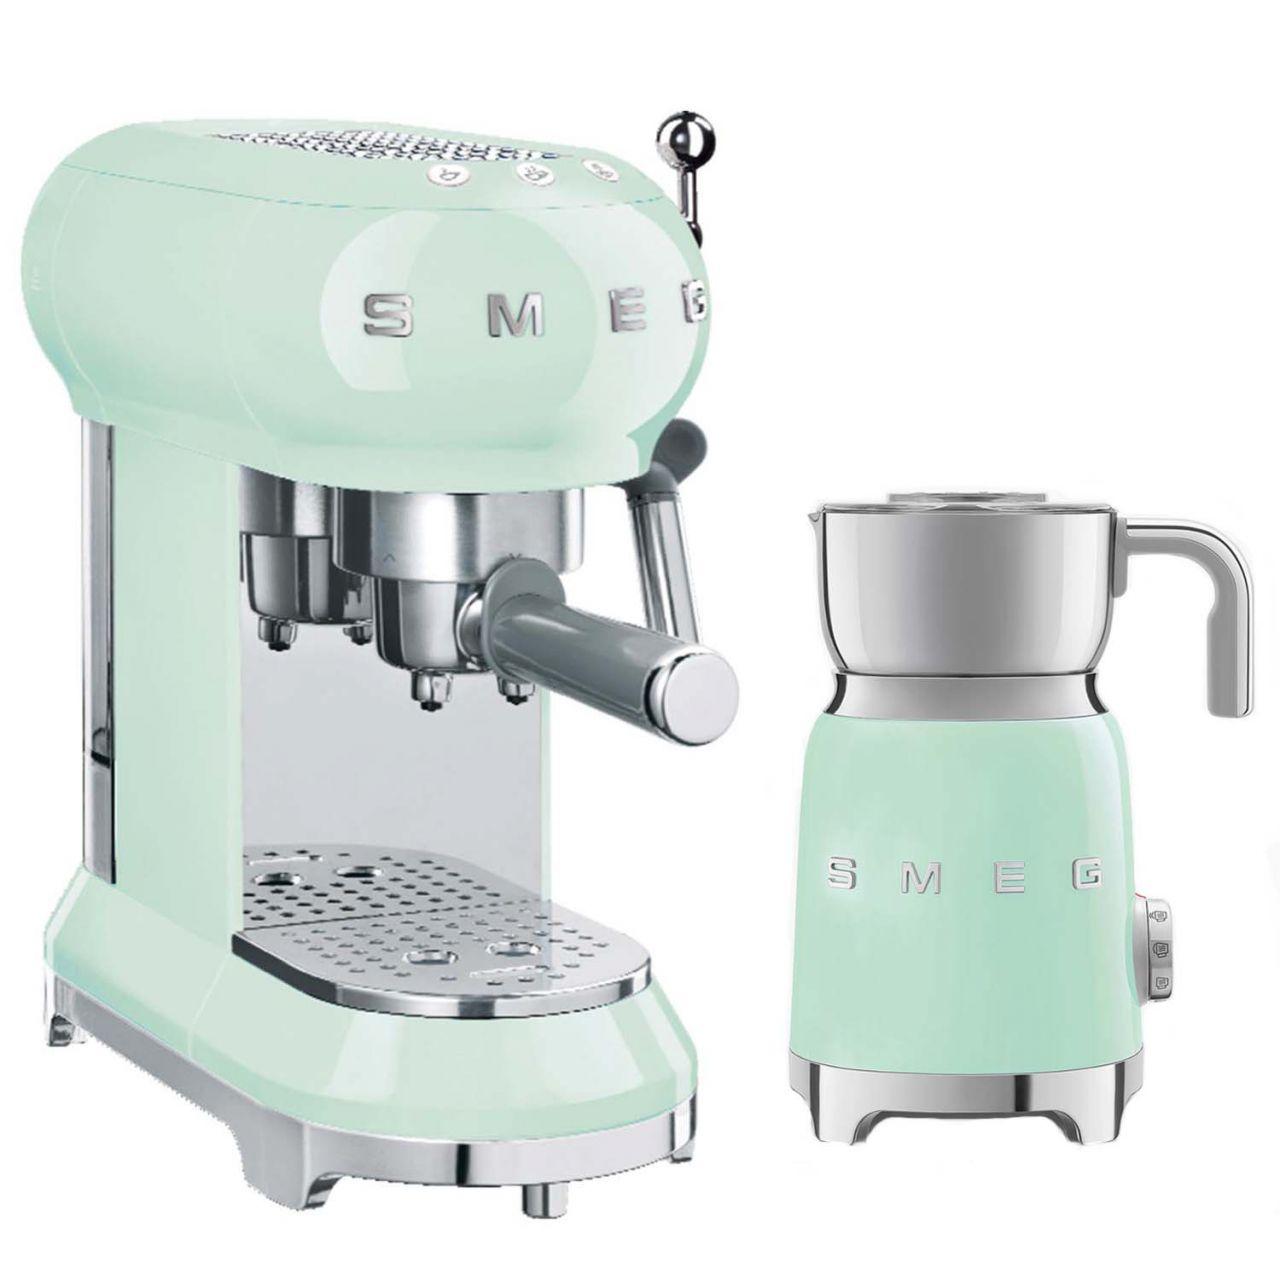 SMEG - Espressomaschine mit Milchaufschäumer Set MFF01PGEU-ESSPRESS-SET